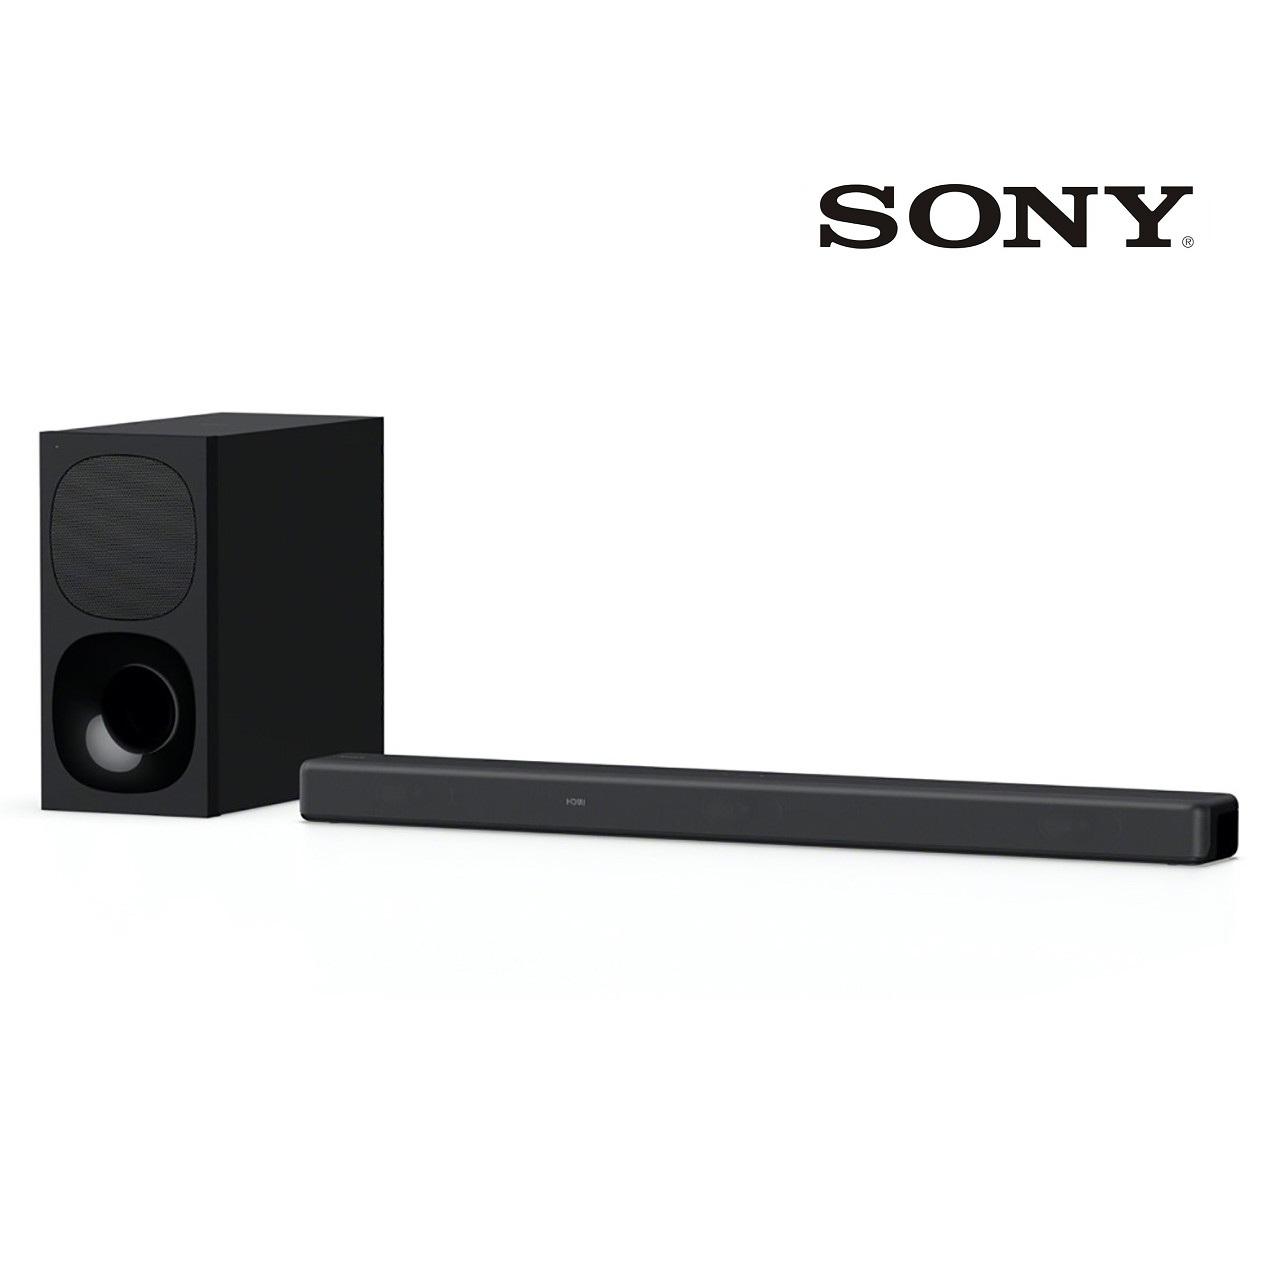 Loa thanh Sony 3.1 Ch HT- G700 (400W) - Hàng chính hãng